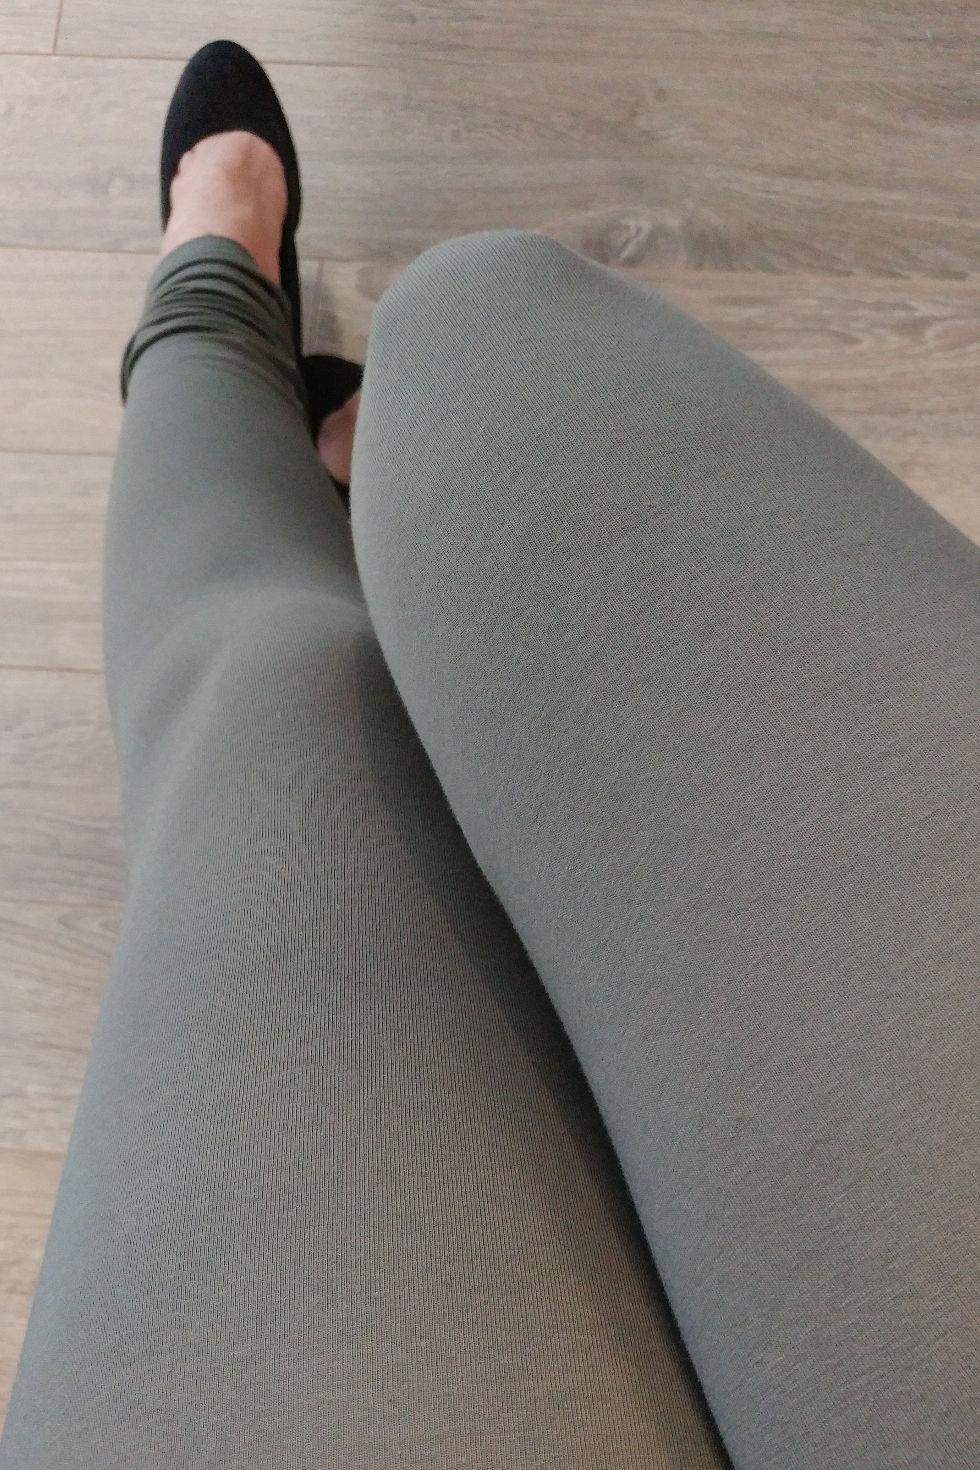 Pantalon-legging kaki en coton certifié OEKO-TEX.